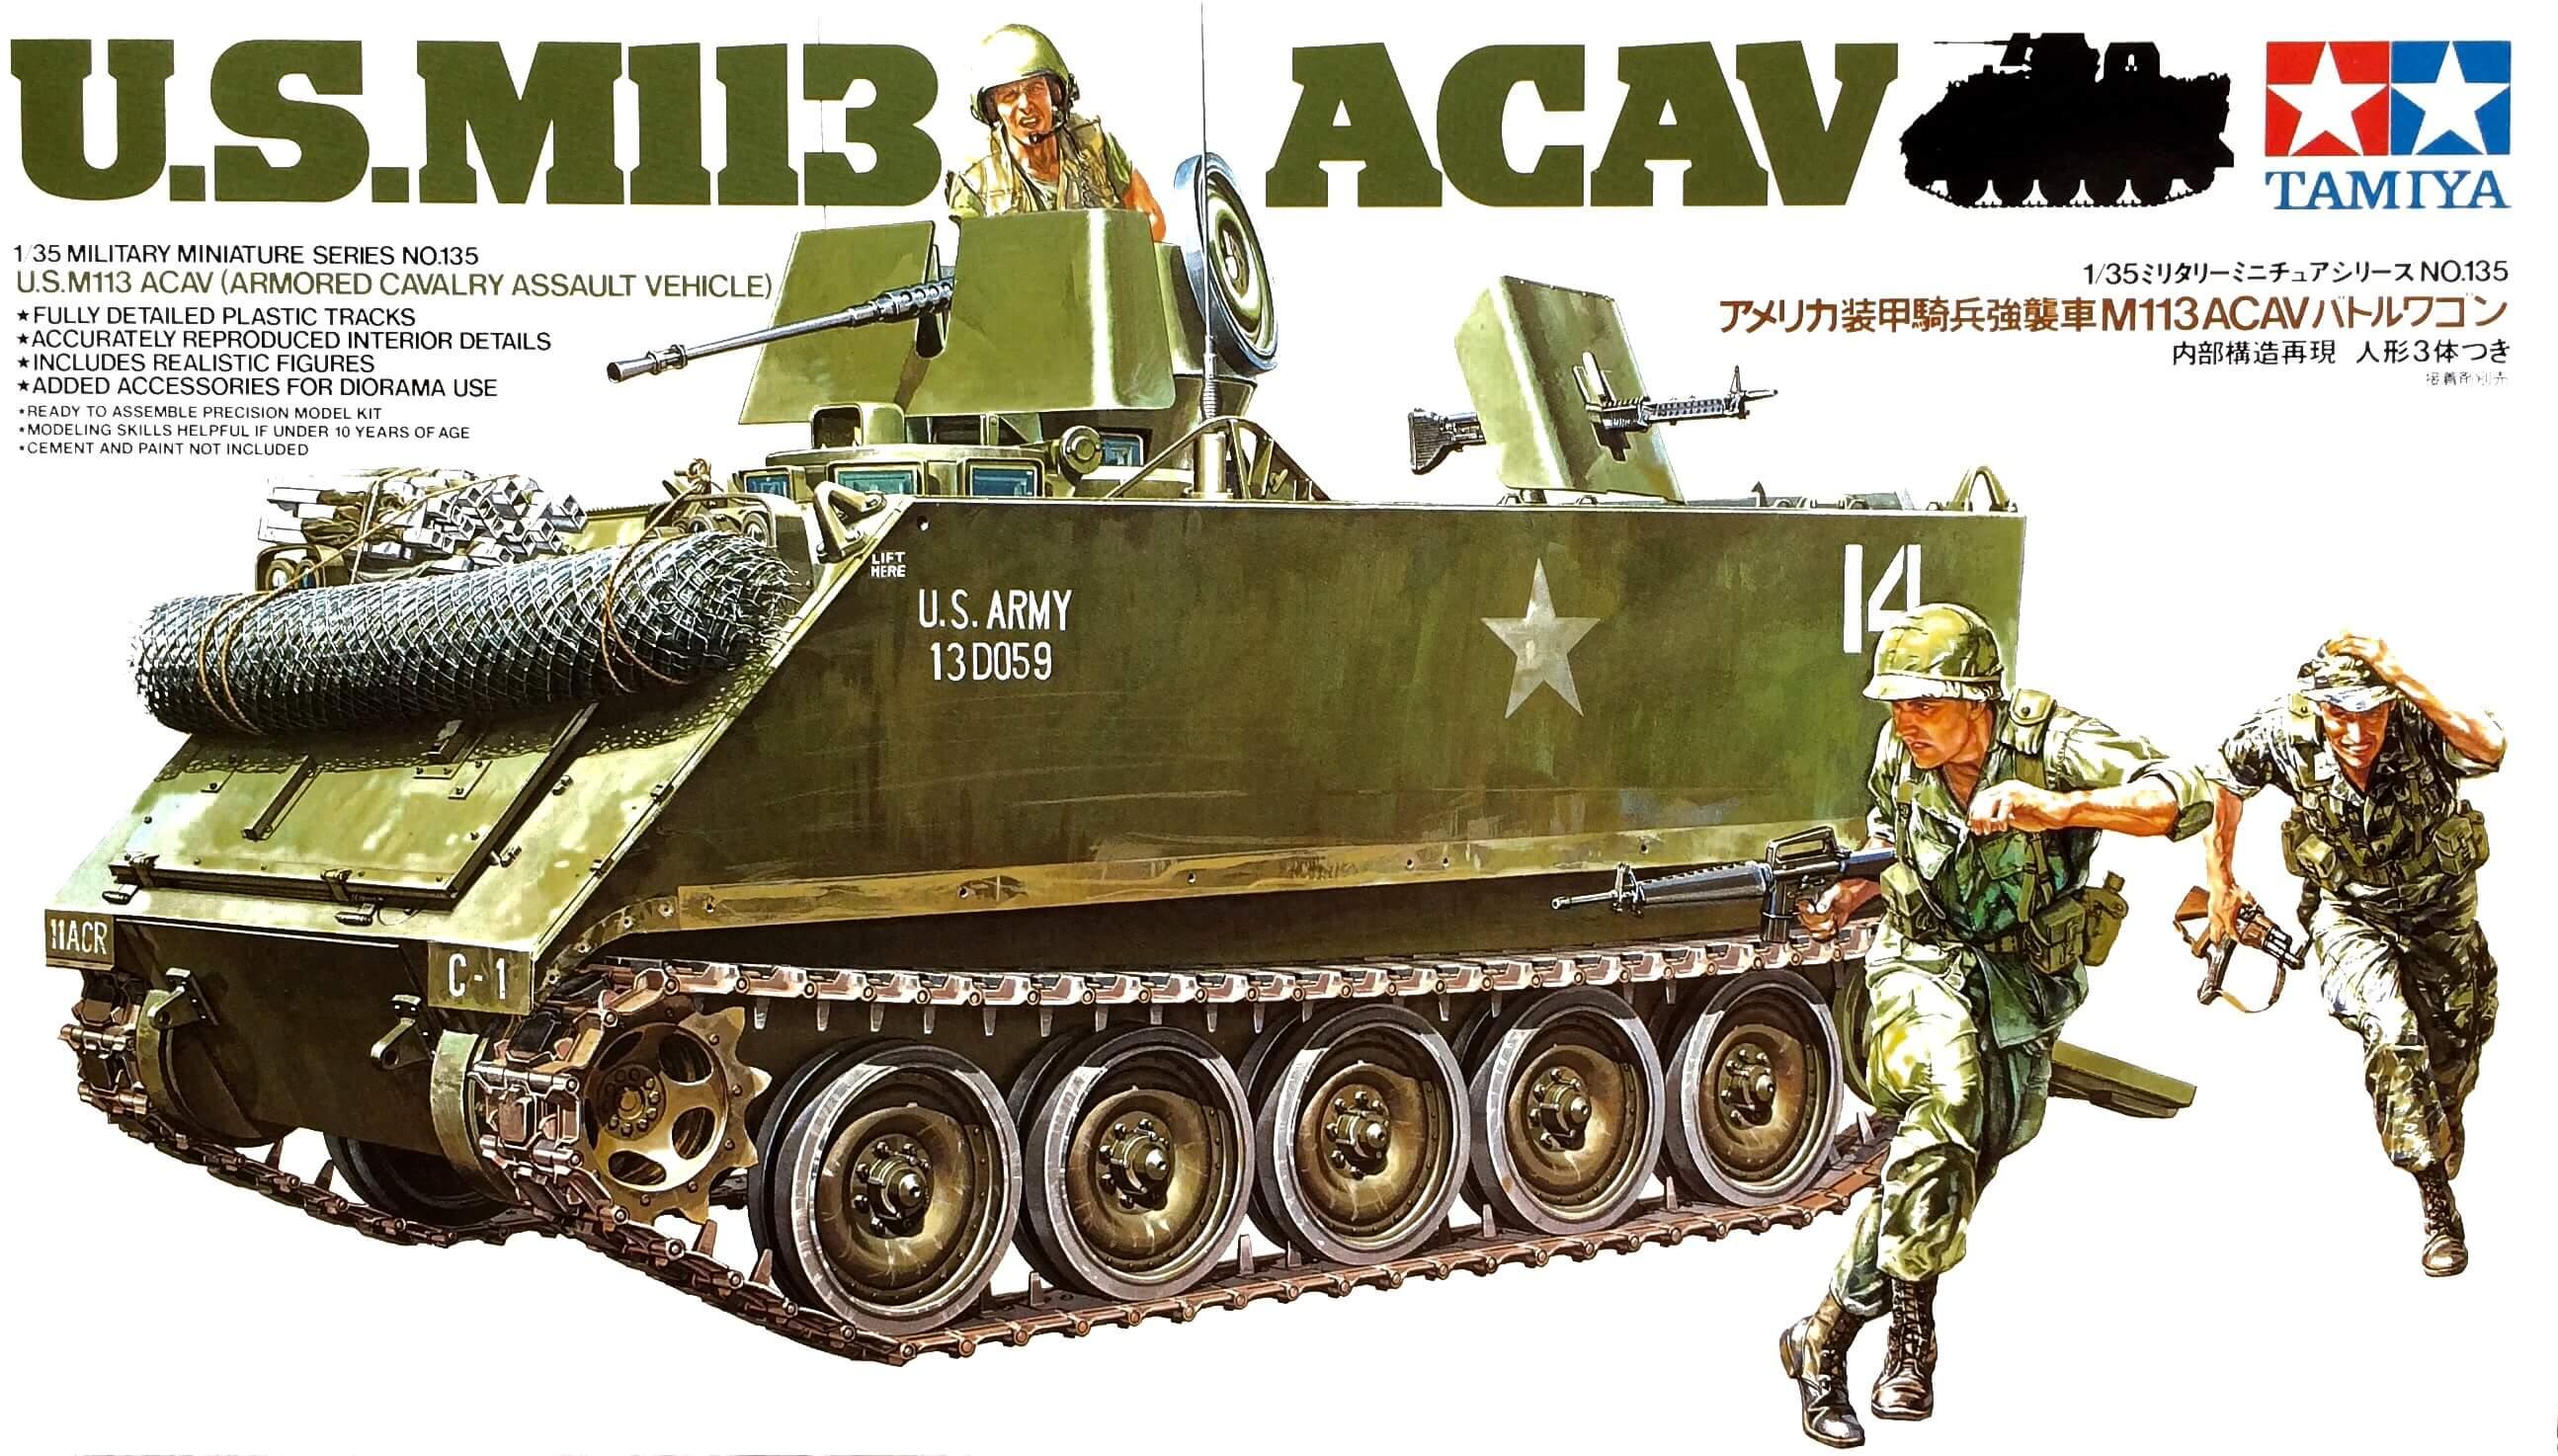 โมเดลรถสายพานลำเลียงพล M113 ACAV Battle Wagon 1/35